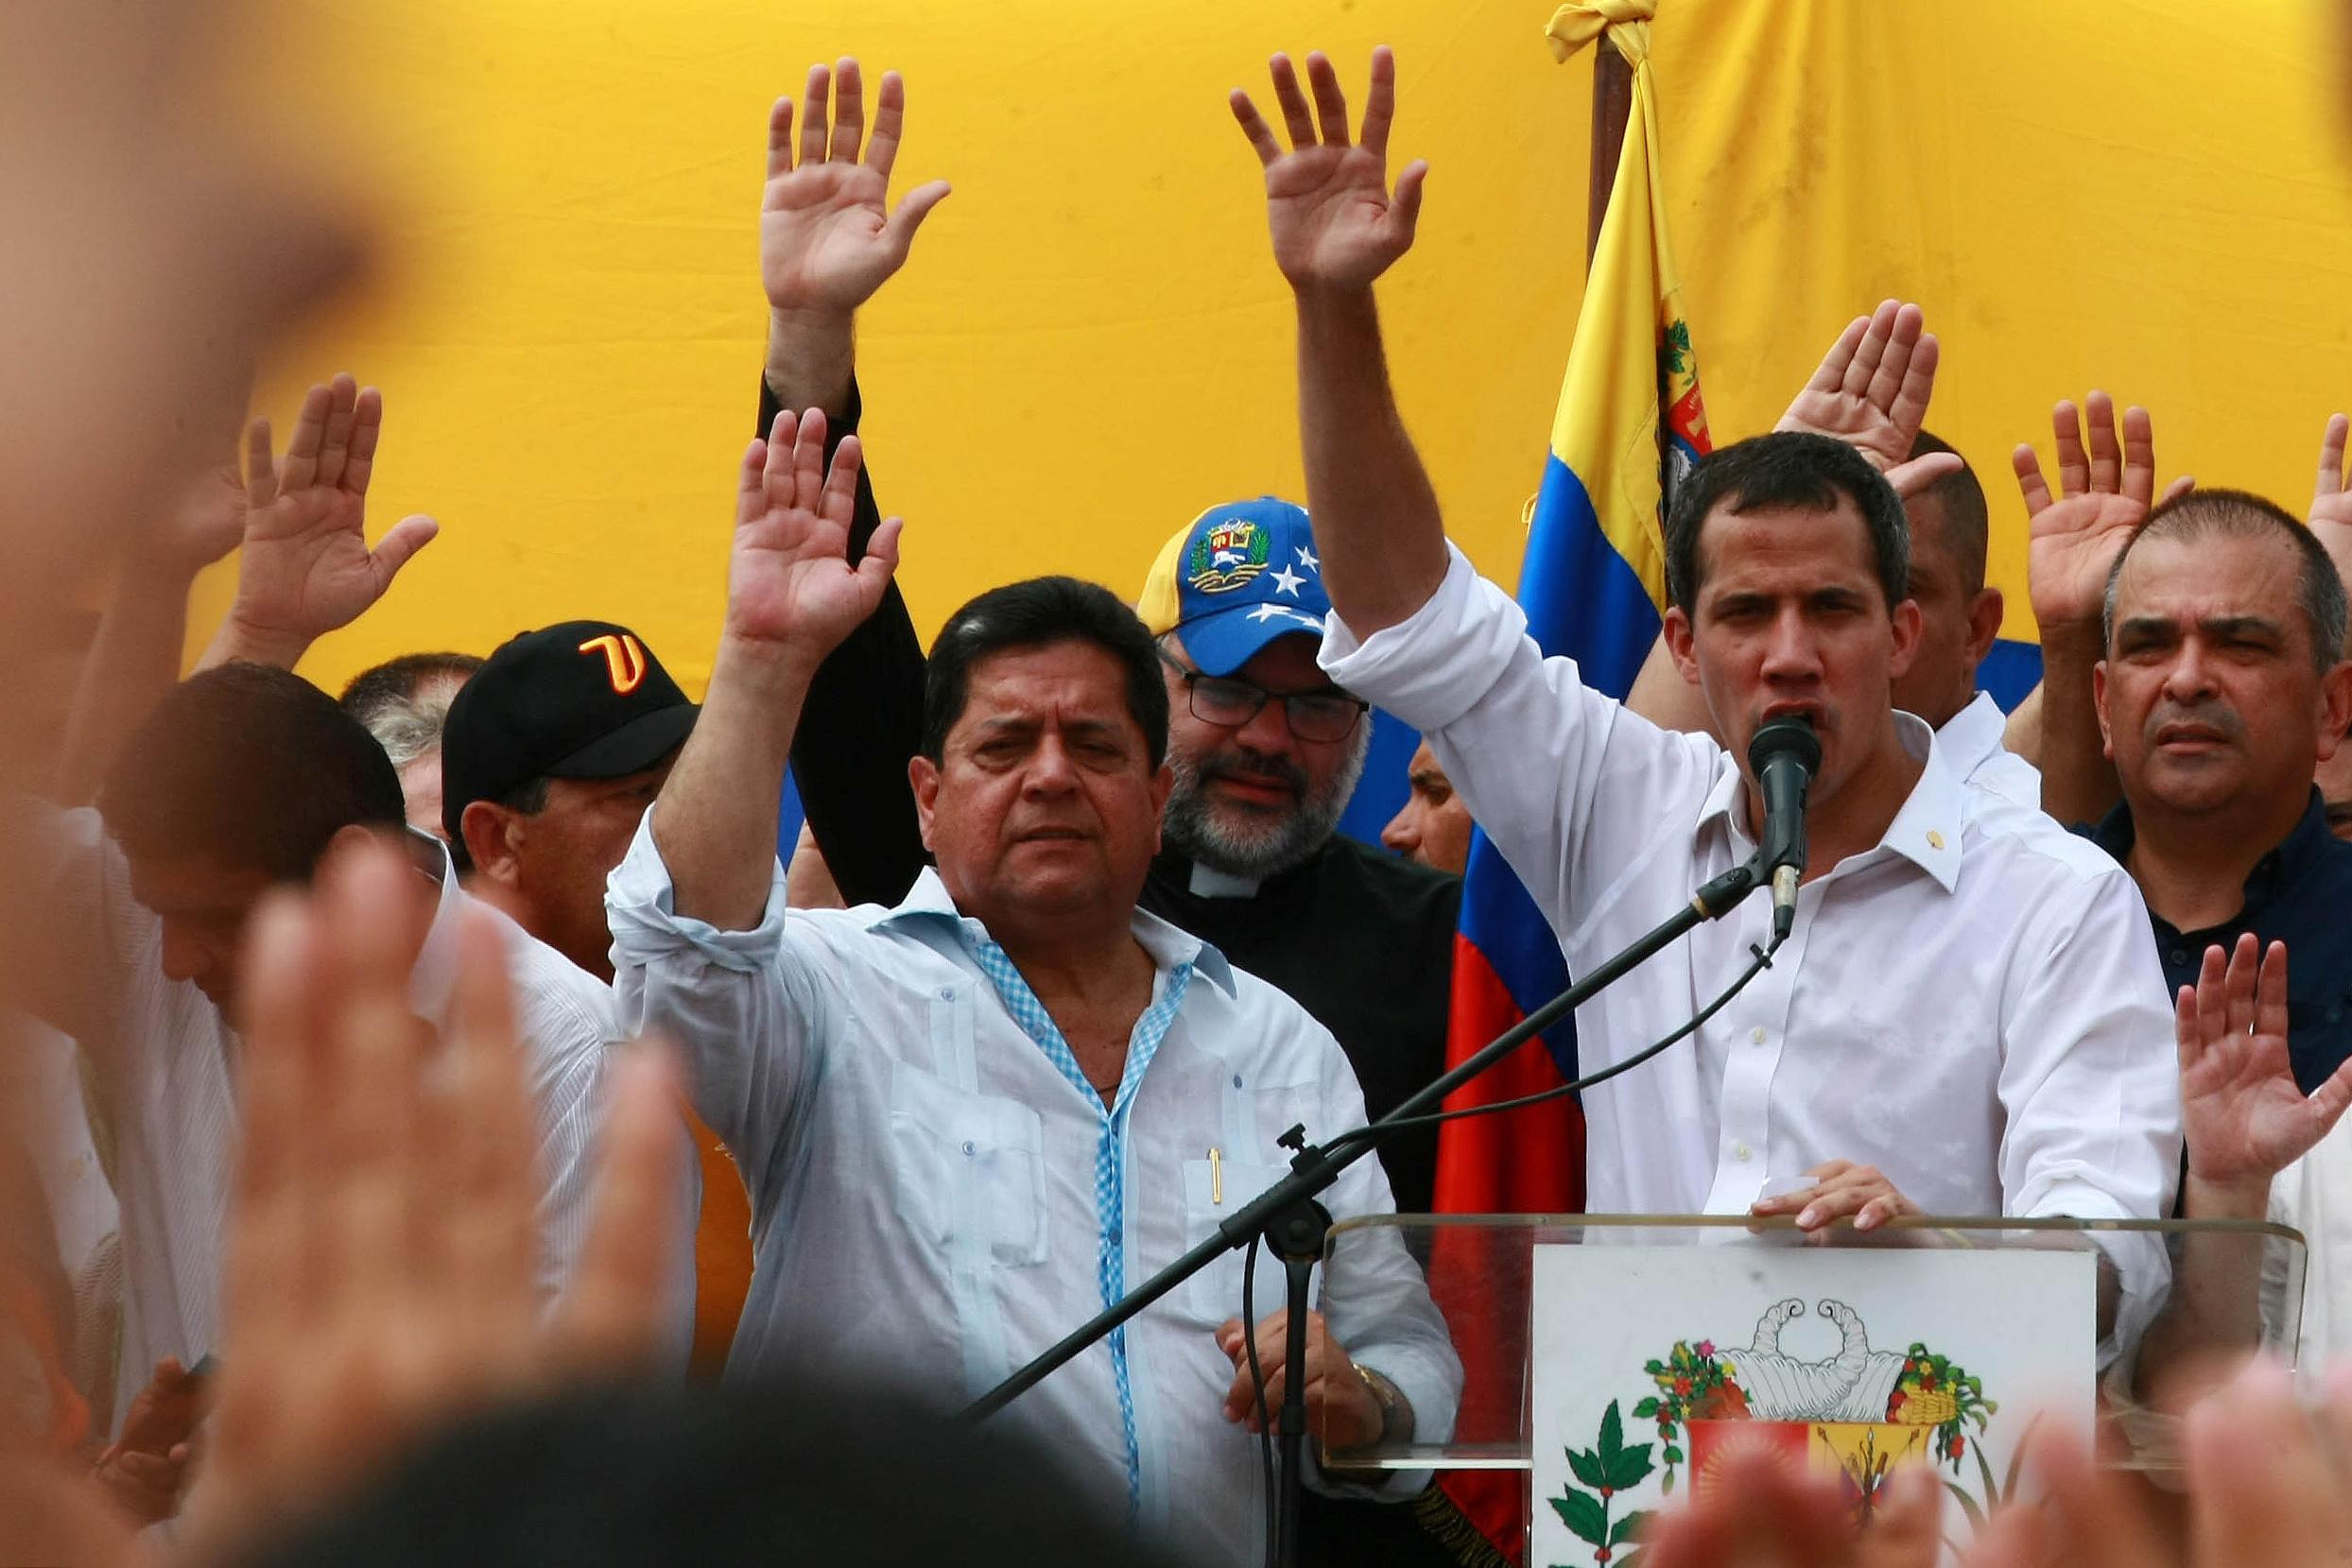 زعيم المعارضة الفنزويلية جوايدو يشارك في مظاهرة خلال زيارته لماراكايبو 22